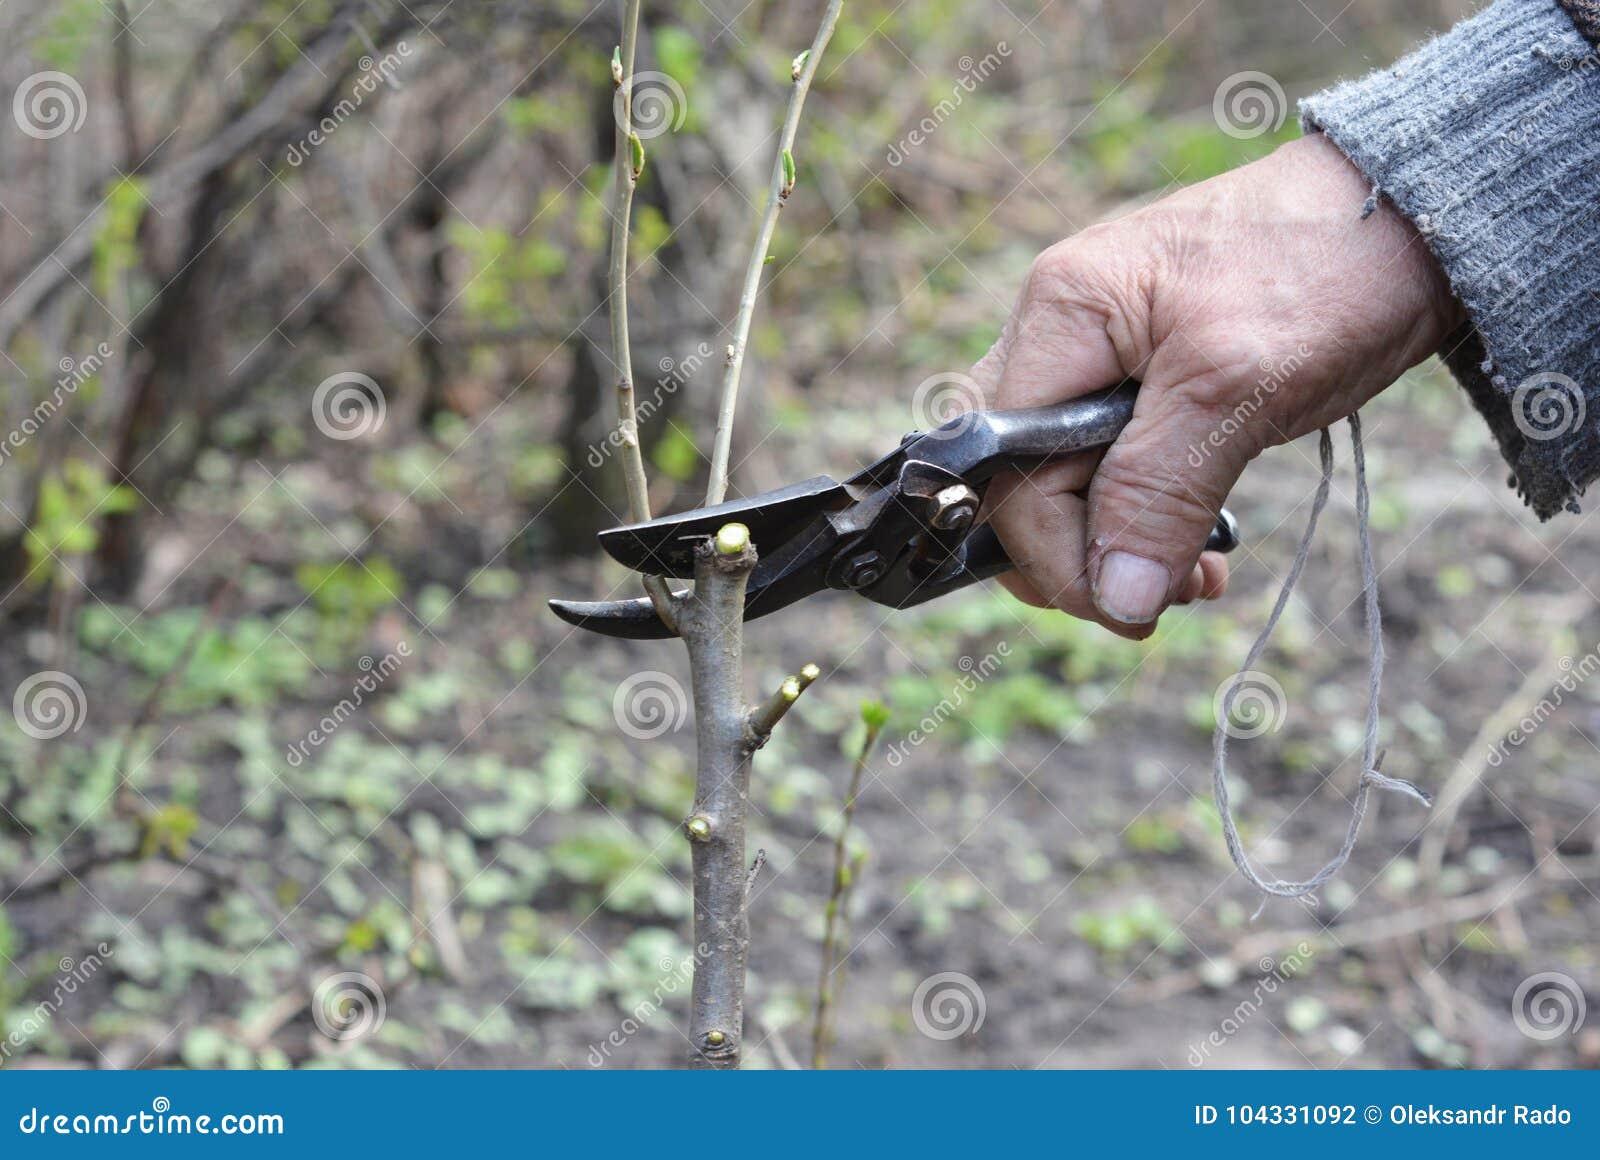 老花匠苹果树分支为嫁接与刀子做准备 逐步嫁接果树的老人手